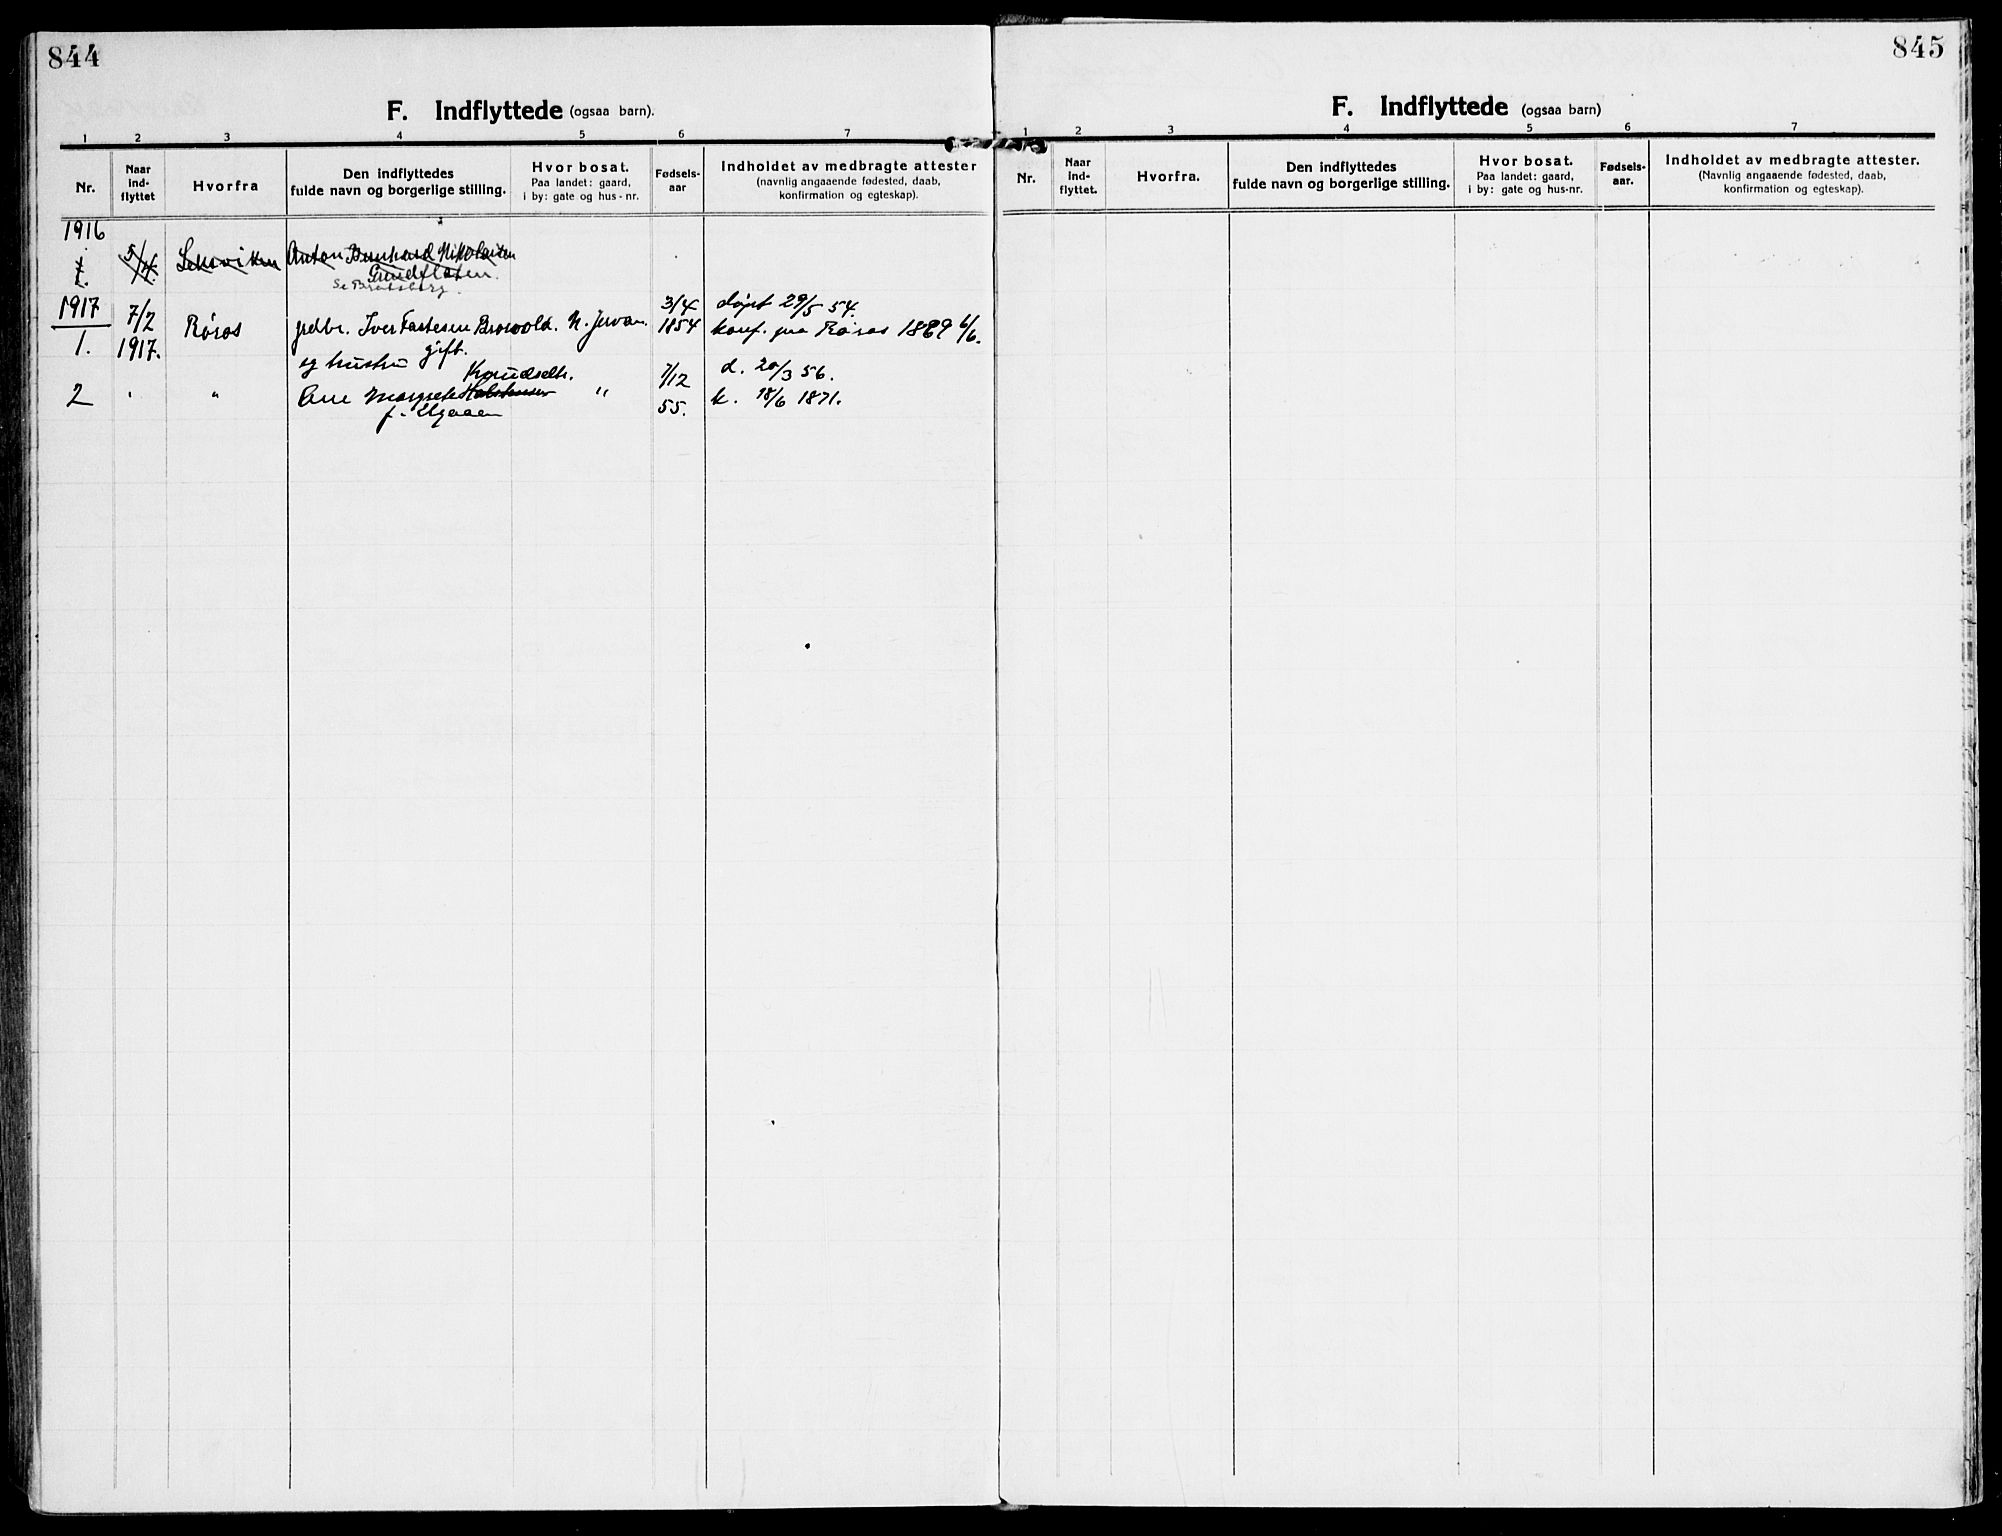 SAT, Ministerialprotokoller, klokkerbøker og fødselsregistre - Sør-Trøndelag, 607/L0321: Ministerialbok nr. 607A05, 1916-1935, s. 844-845